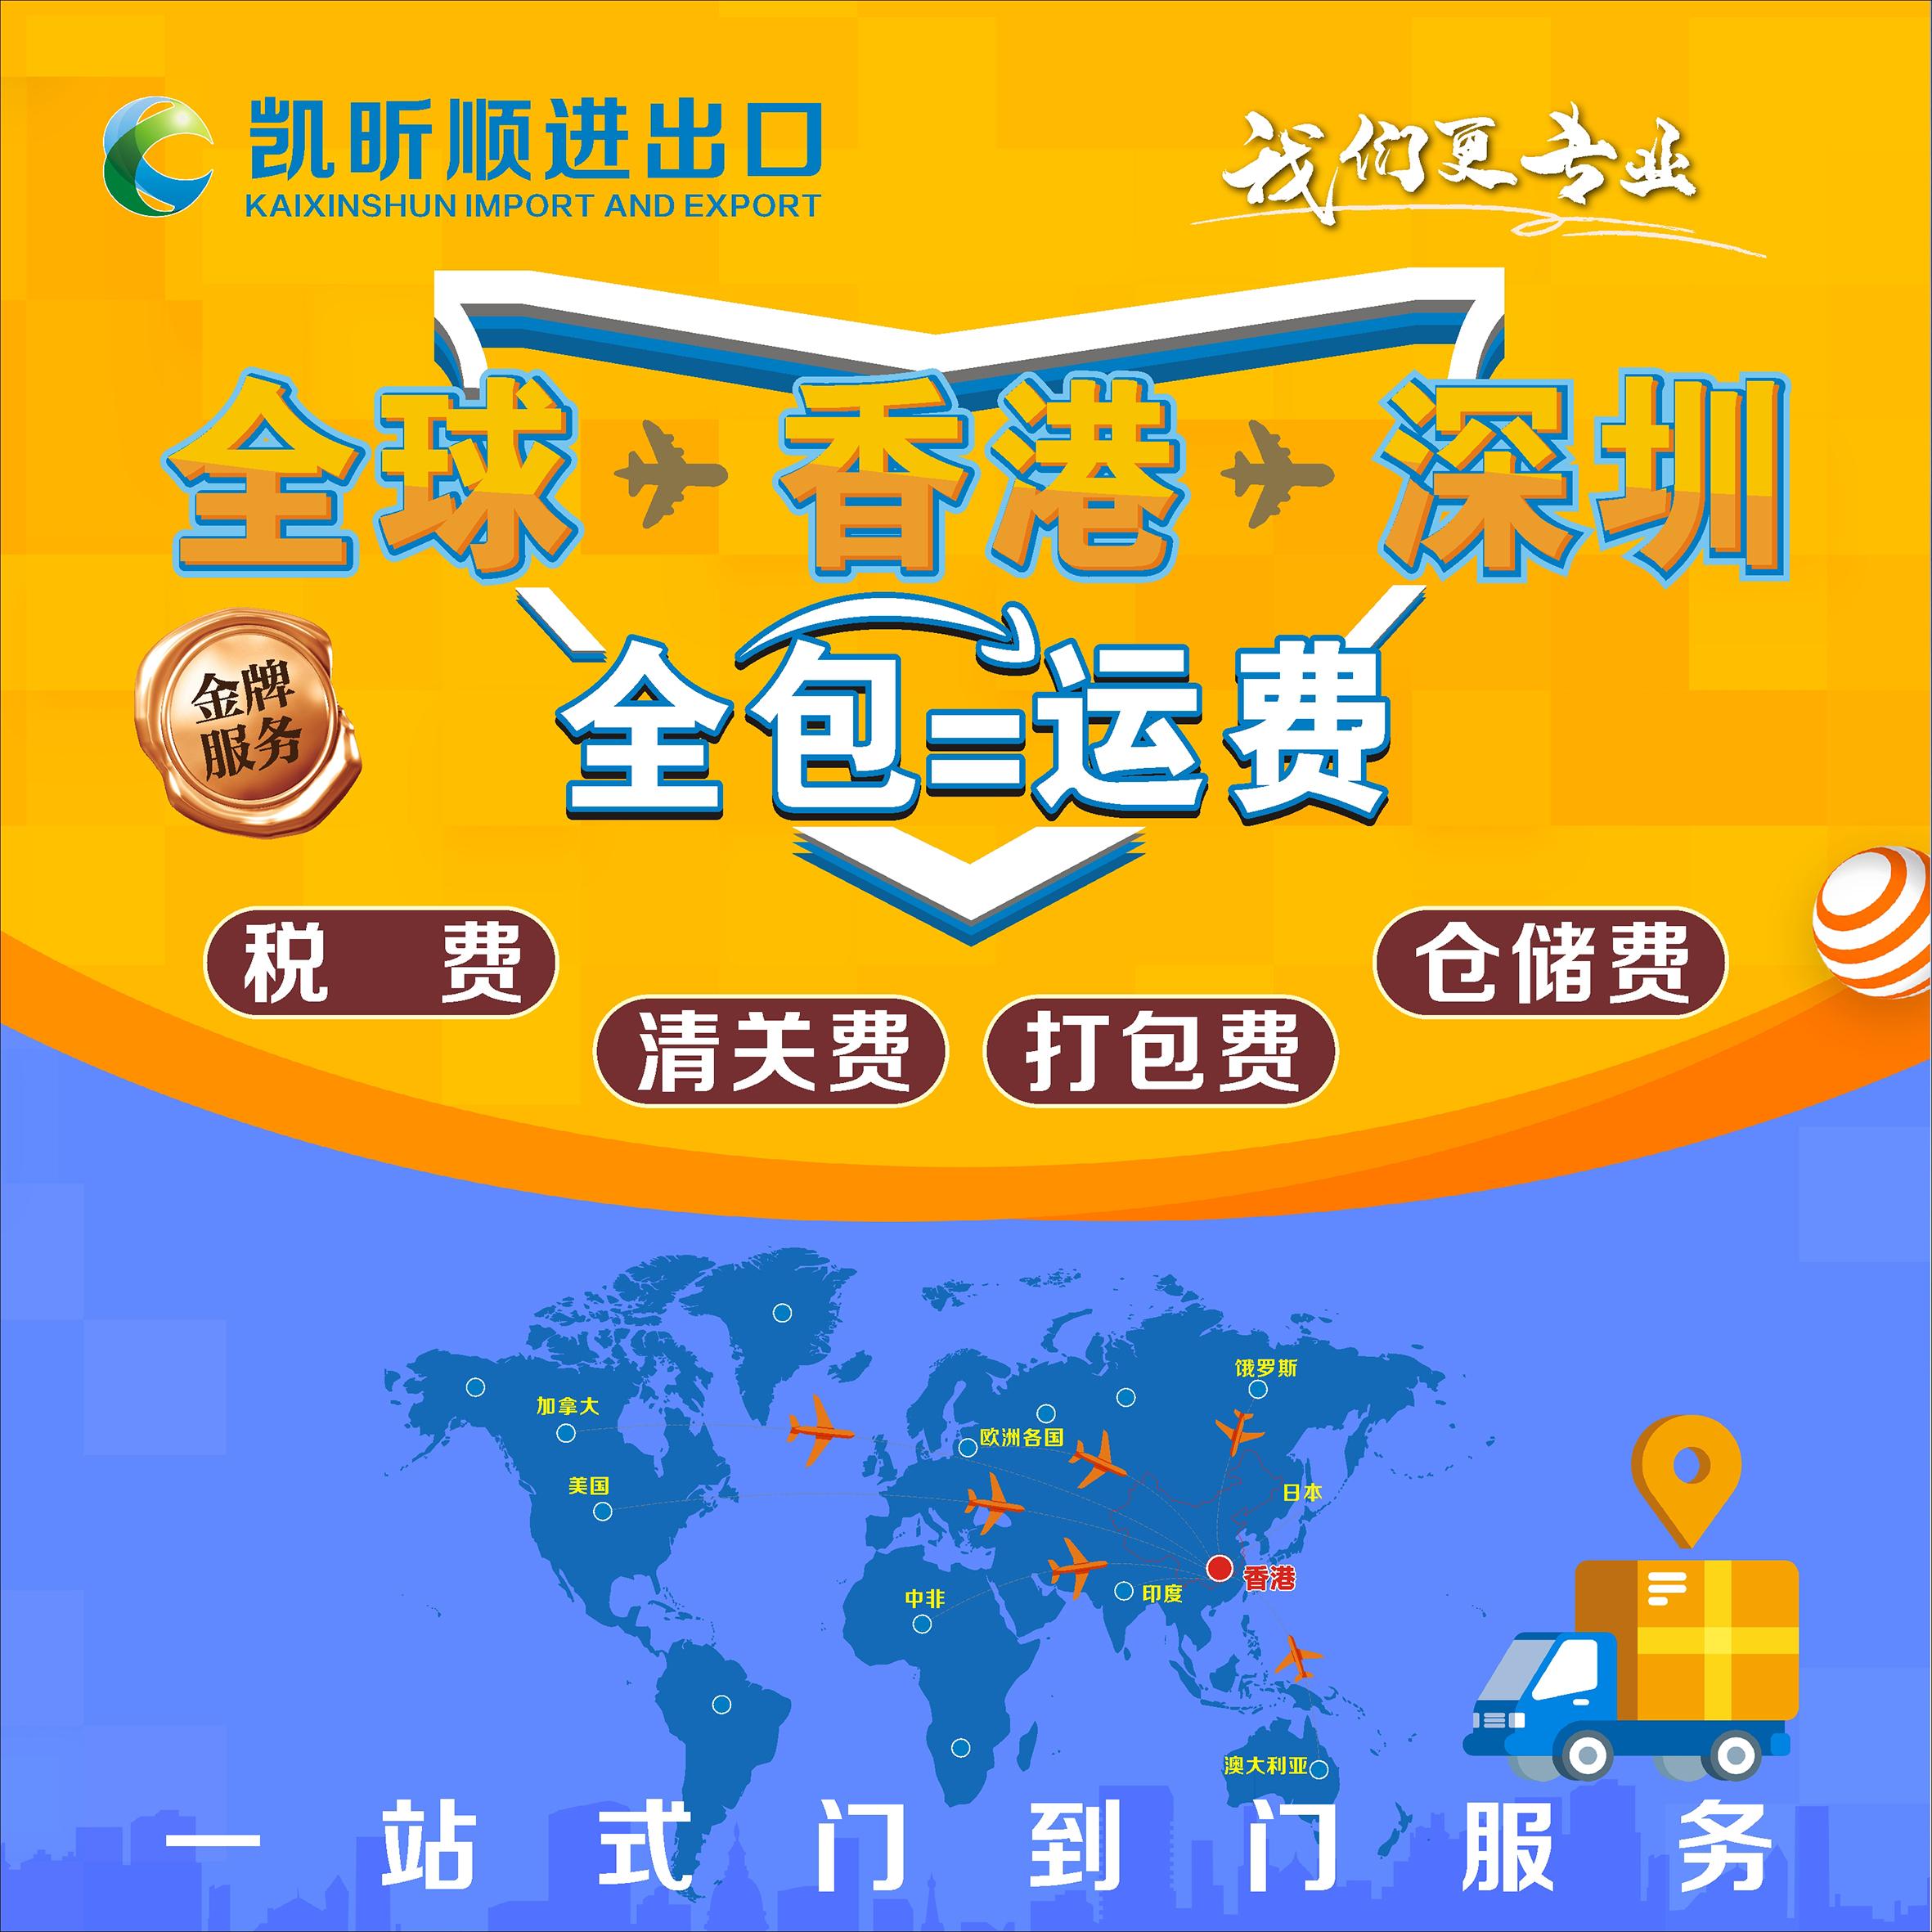 香港代提到深圳发货跑腿业务上门取件国际快递清关转运服务